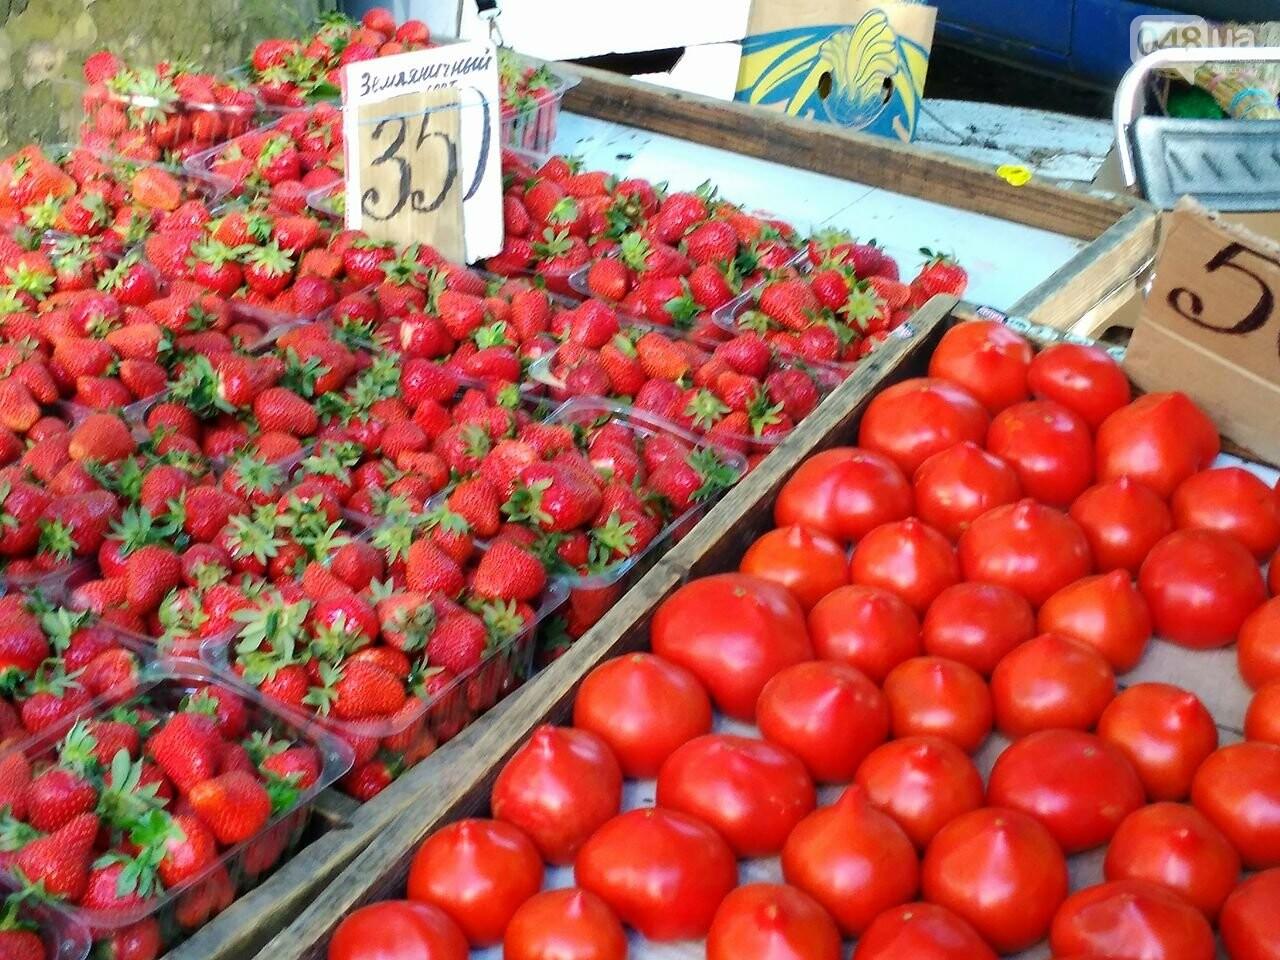 На одесских рынках появились зеленый горошек и черешня, а цена на клубнику упала, - ФОТО, фото-3